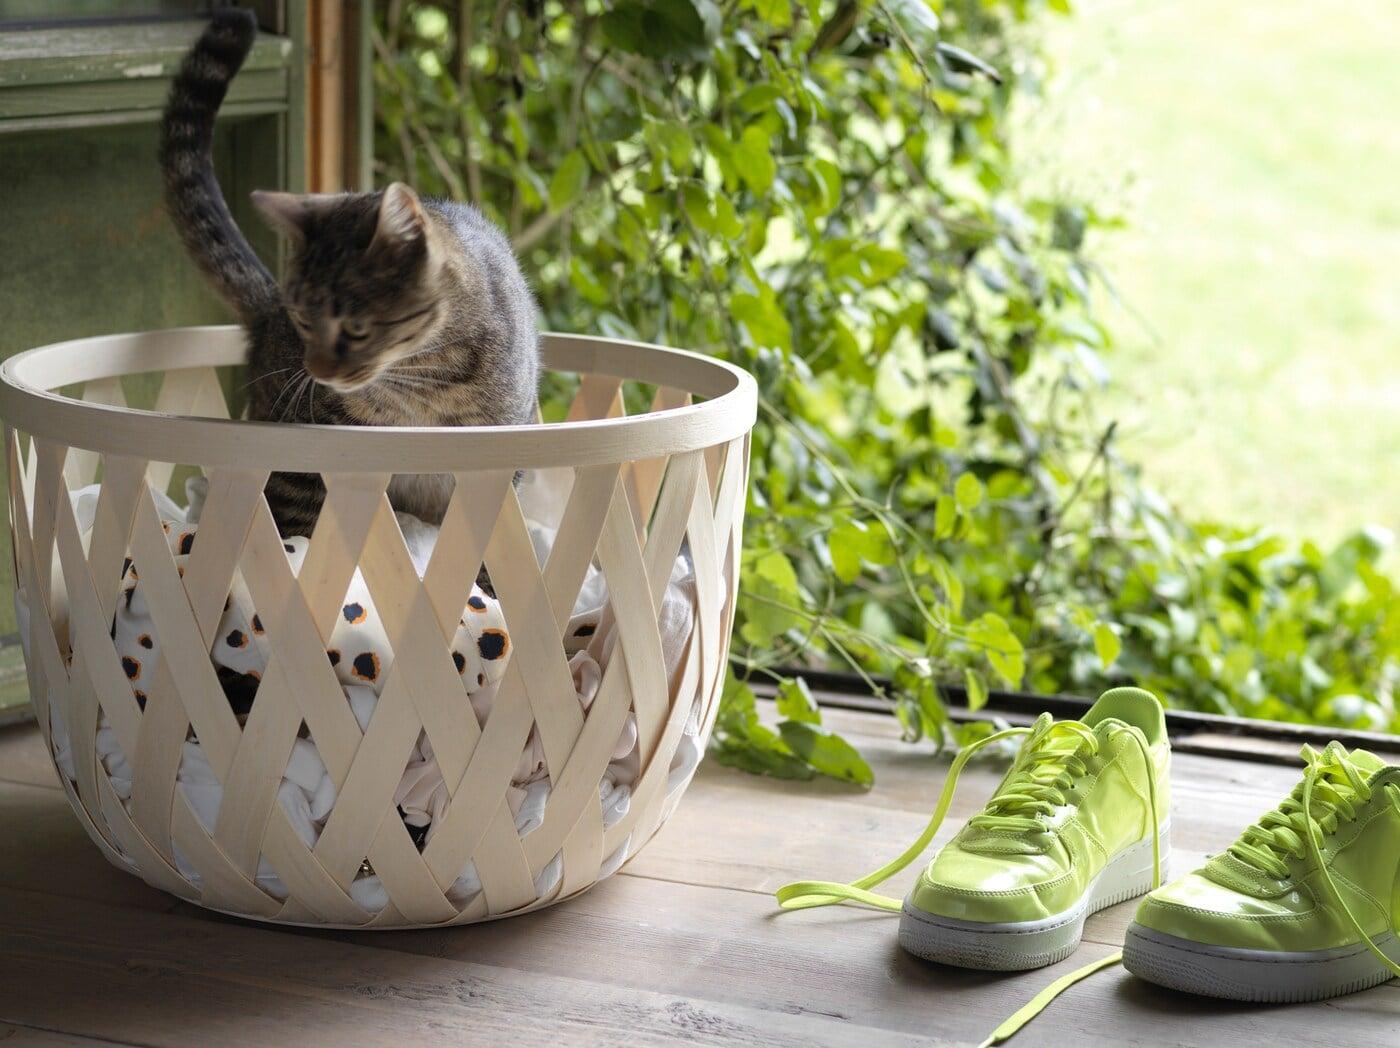 Un chaton se trouve à l'intérieur d'un panier de peuplier TJILLEVIPS rempli de linge, à côté d'une paire de chaussures de sport vertes fluo.